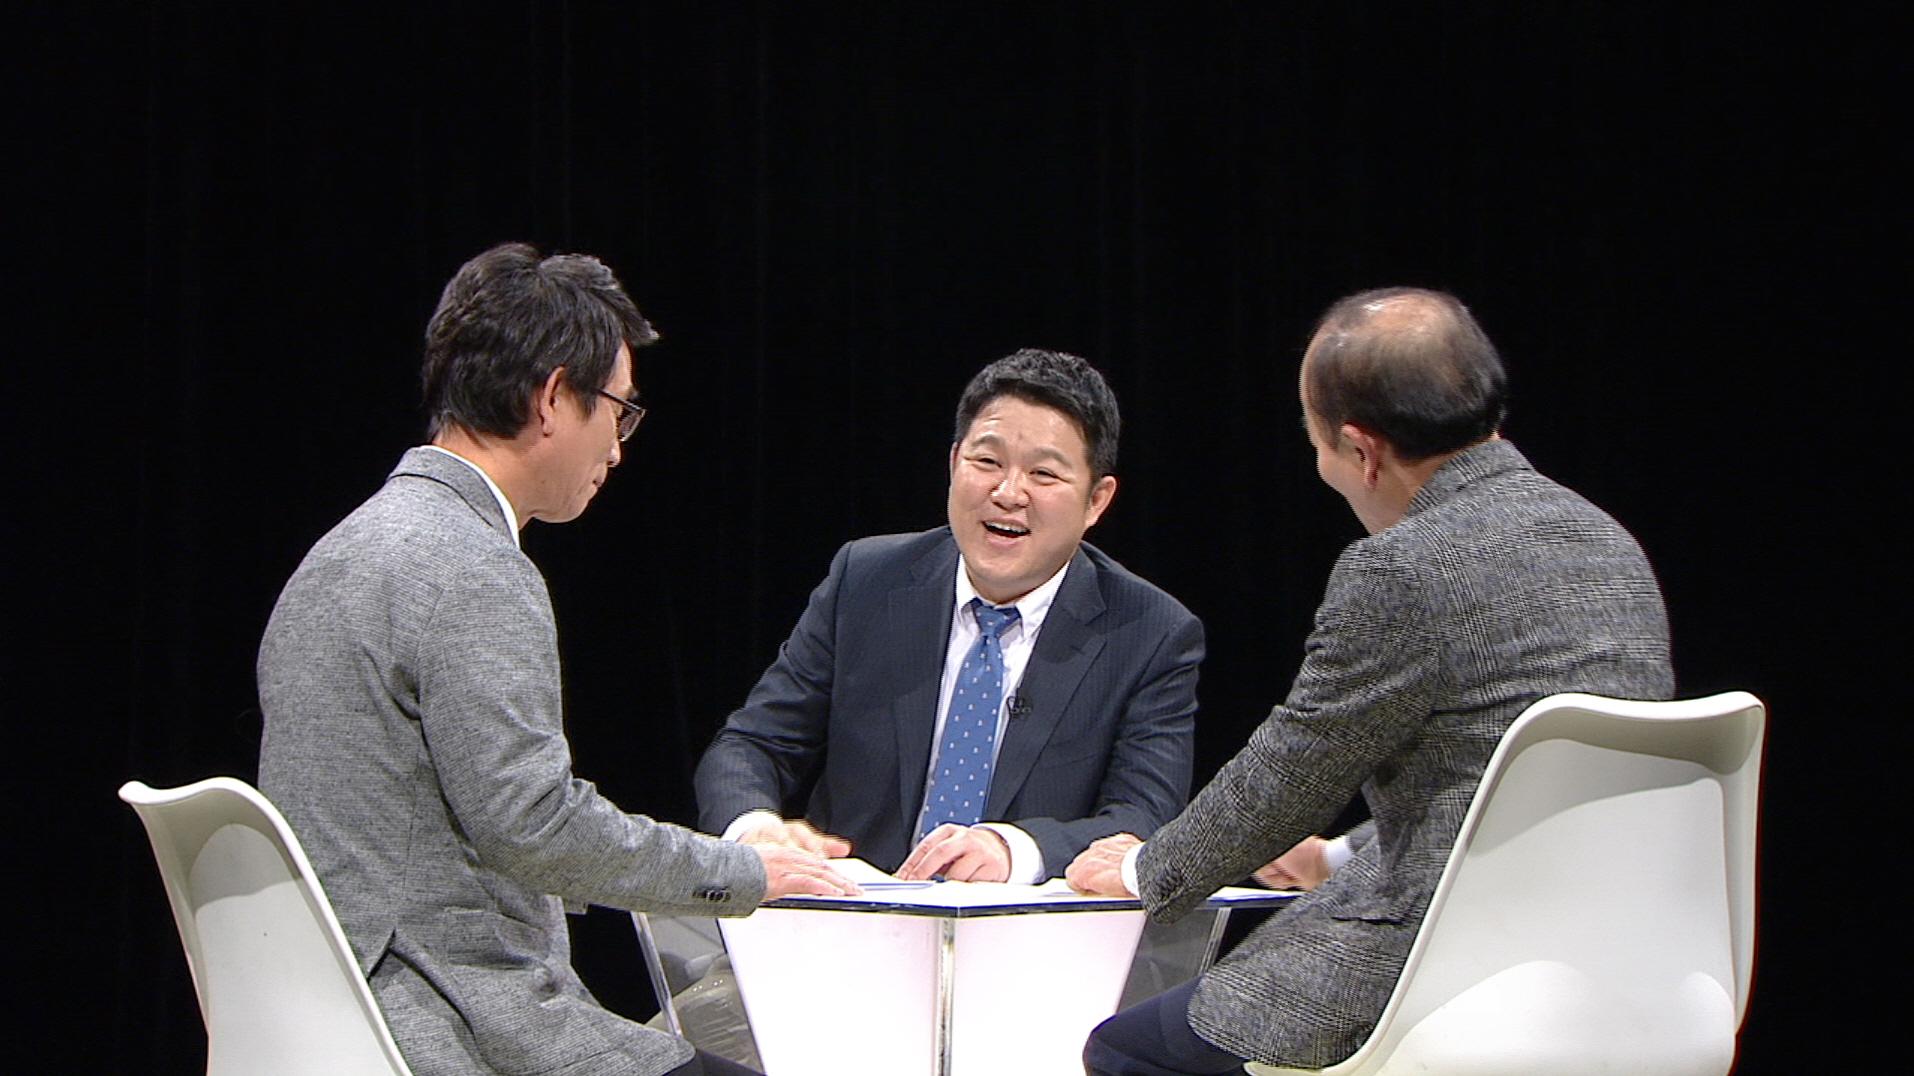 한국갤럽이 발표한 2월 한국인이 '요즘 가장 좋아하는 TV 프로그램' 1위를 차지한 JTBC '썰전'.